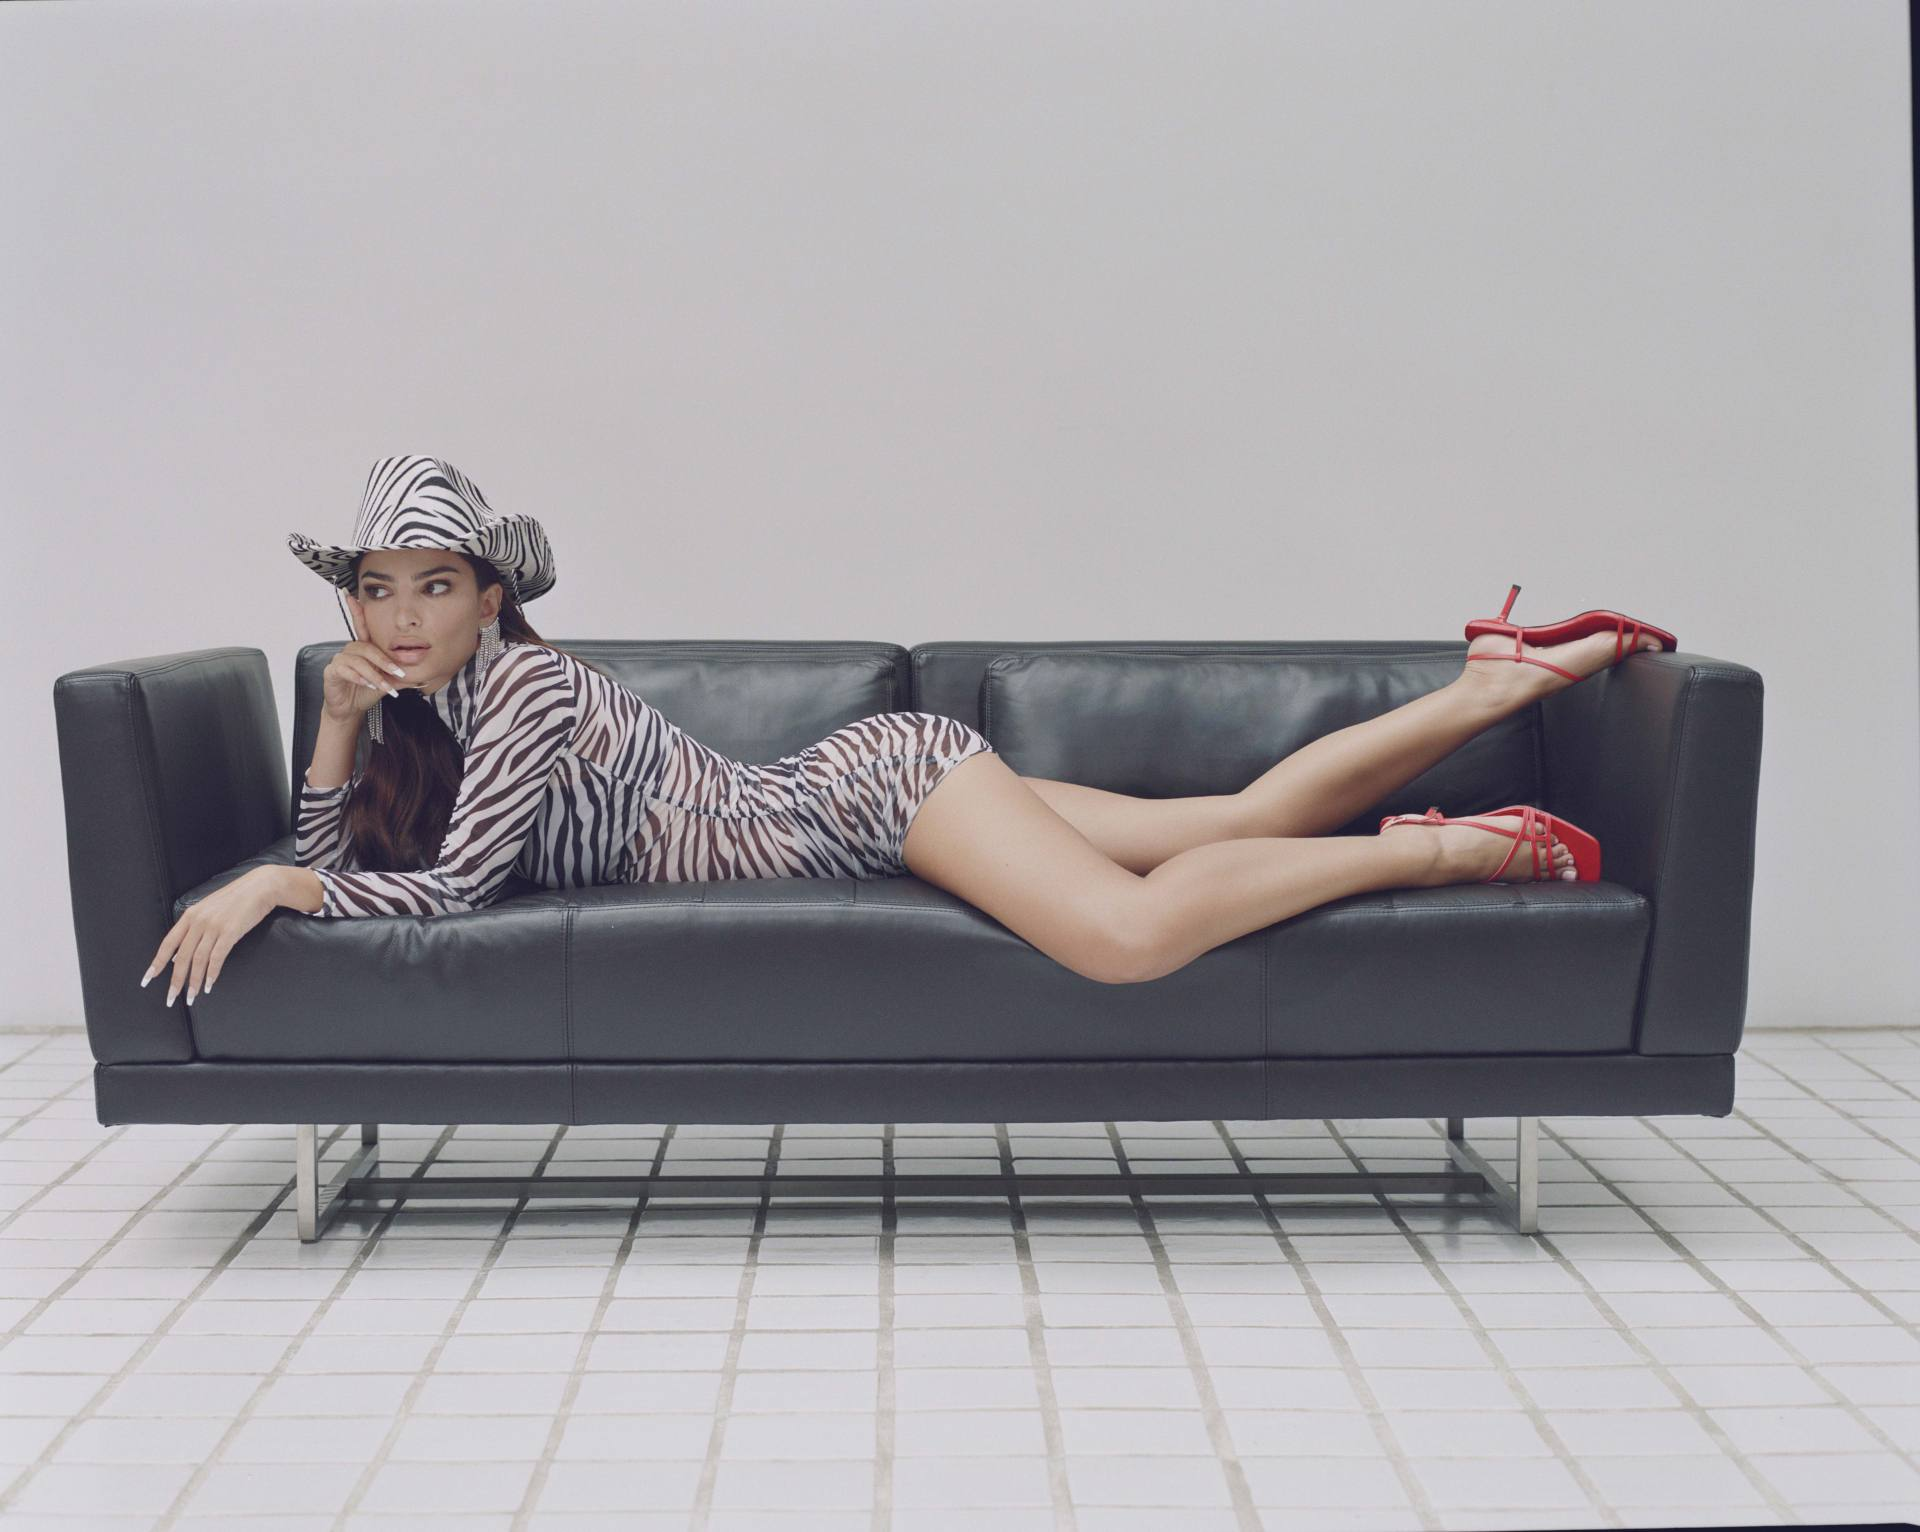 Emily Ratajkowski Sexy Photoshoot